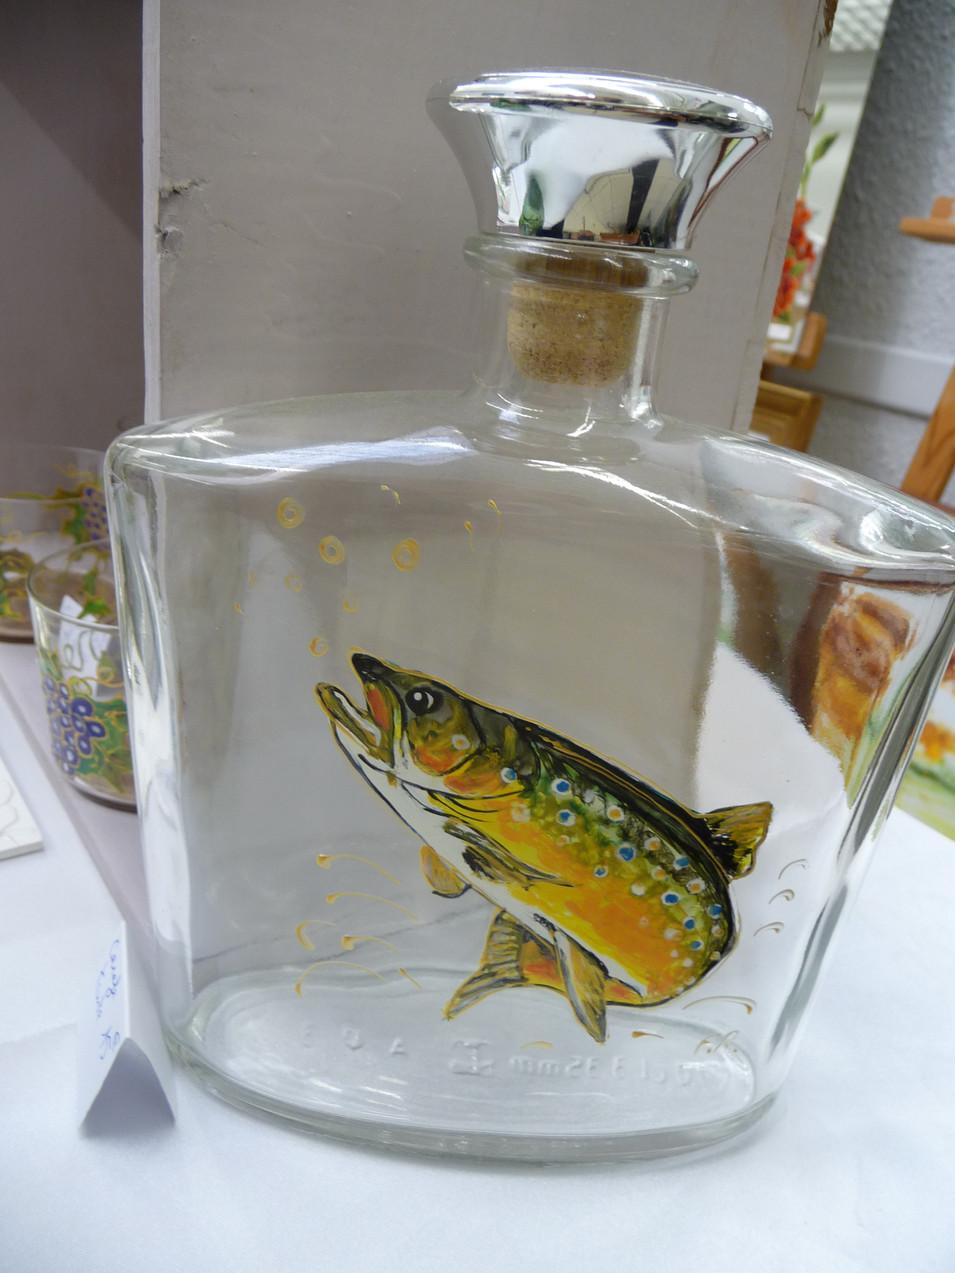 truite sur verre